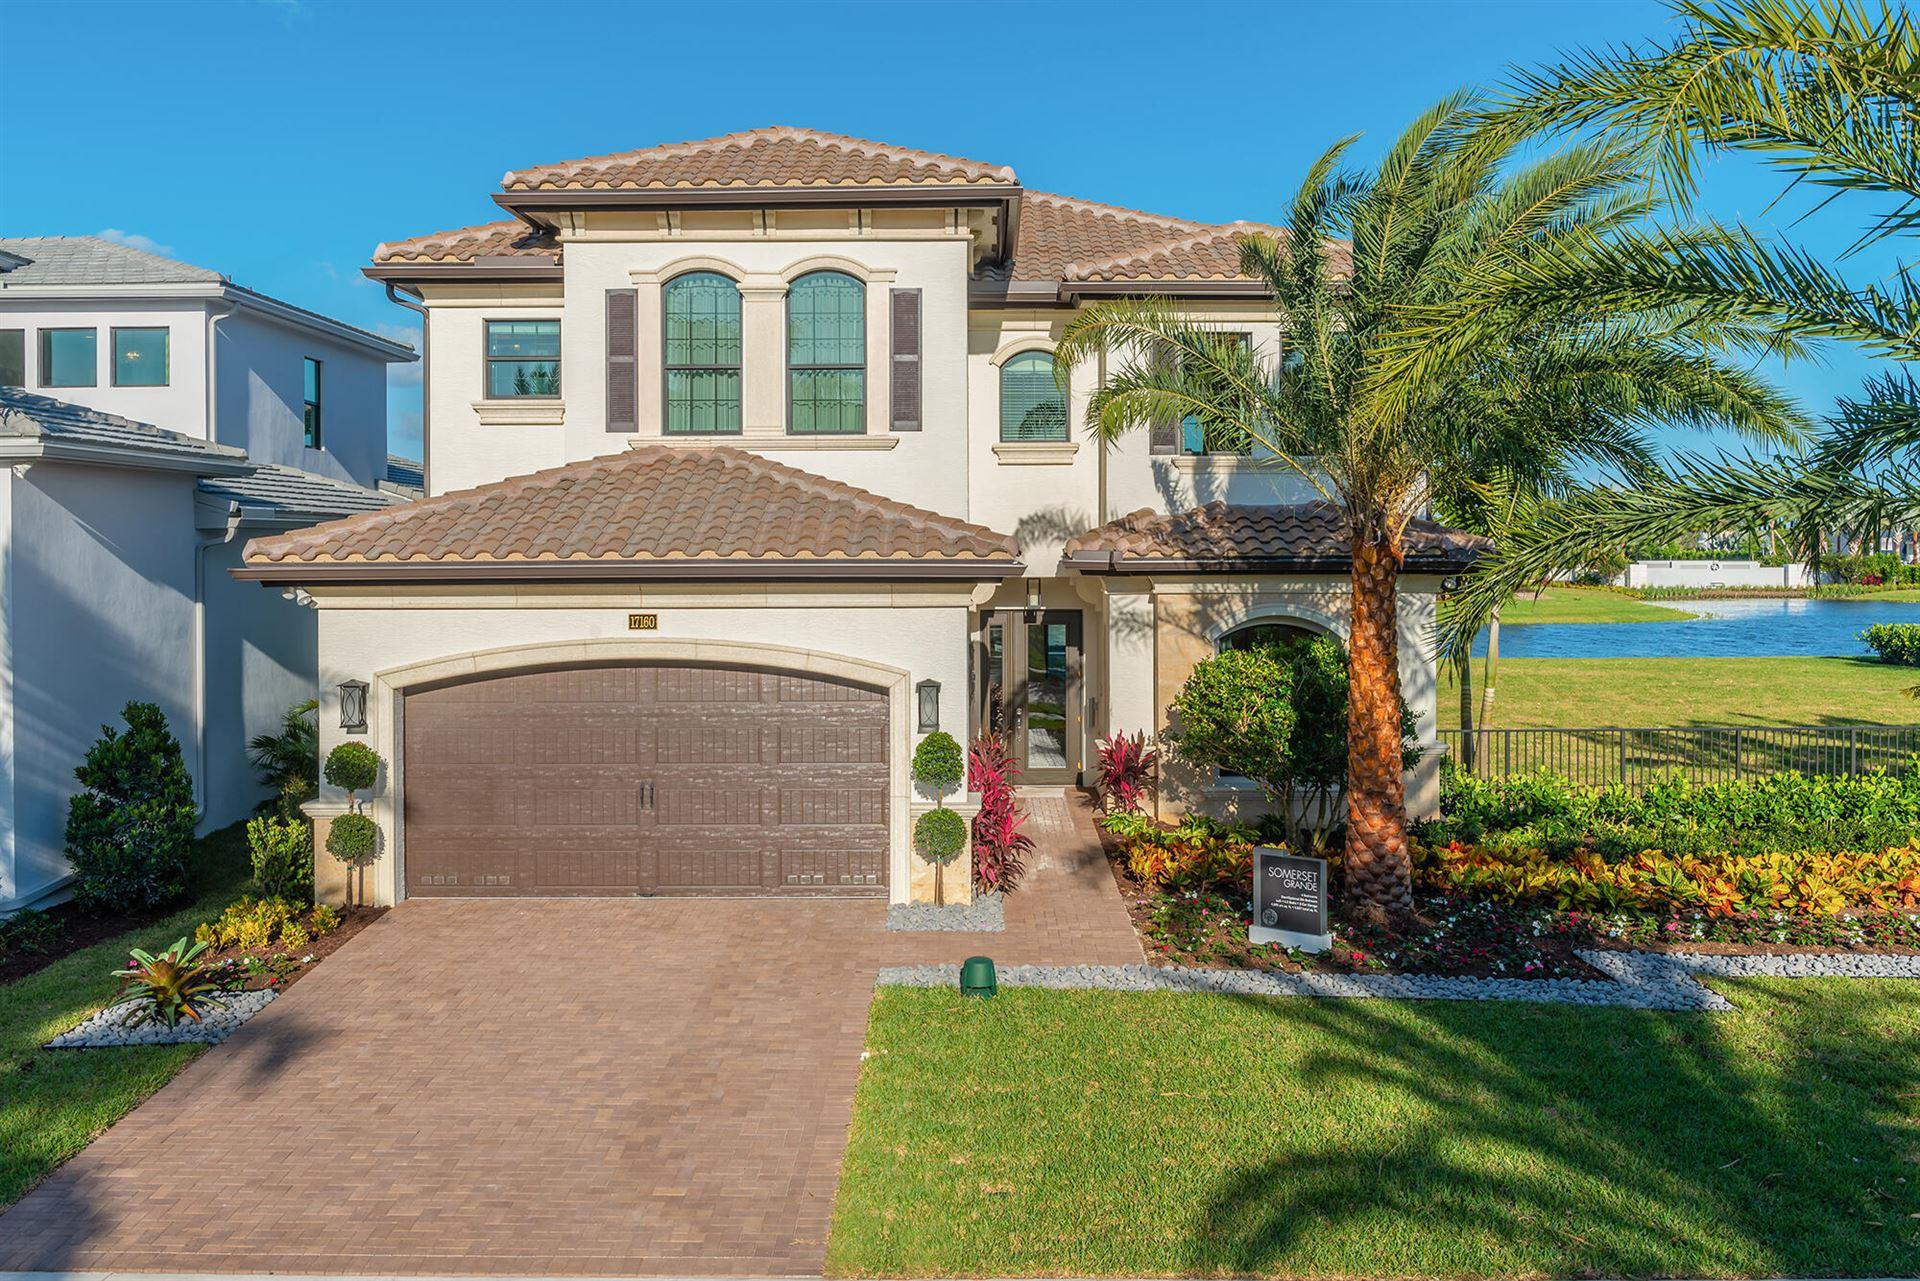 17160 Ludovica Lane, Boca Raton, FL 33496 - MLS#: RX-10744262